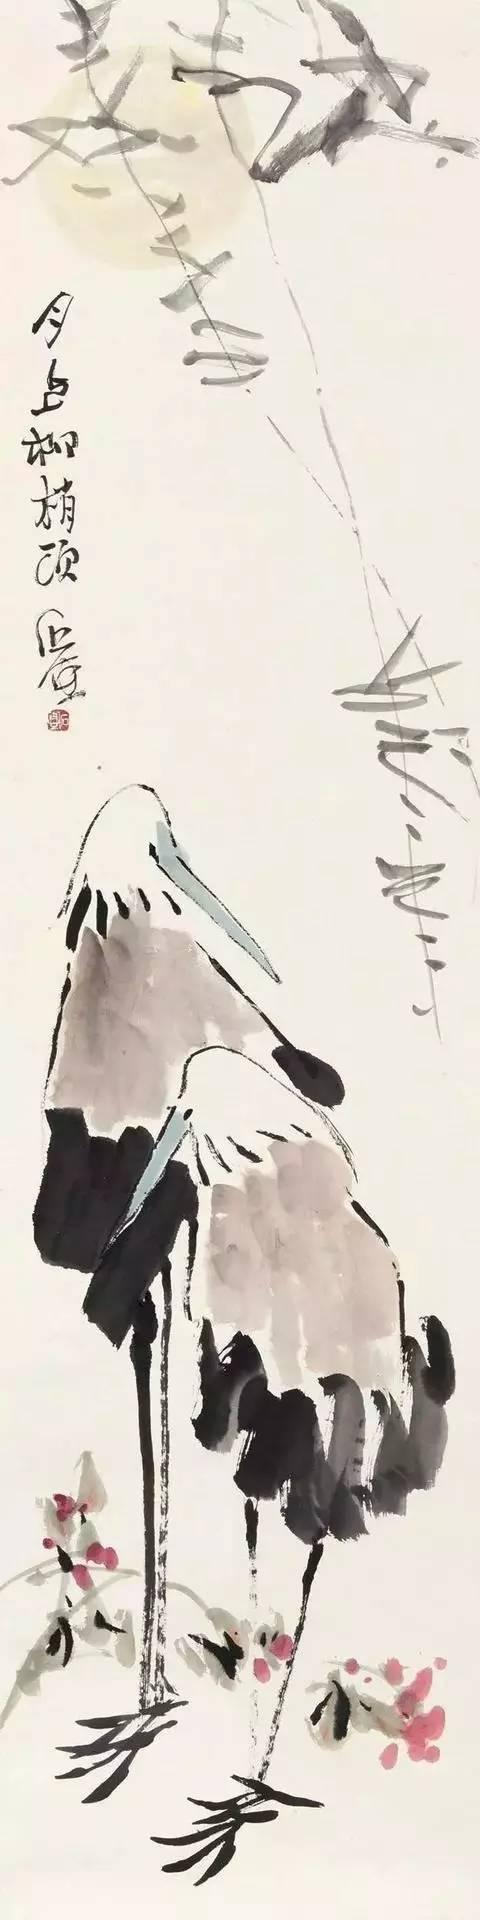 看看被譽為「中國的梵谷」,「畫壇怪傑」的國畫家陳瘋子的鳥兒 - 每日頭條